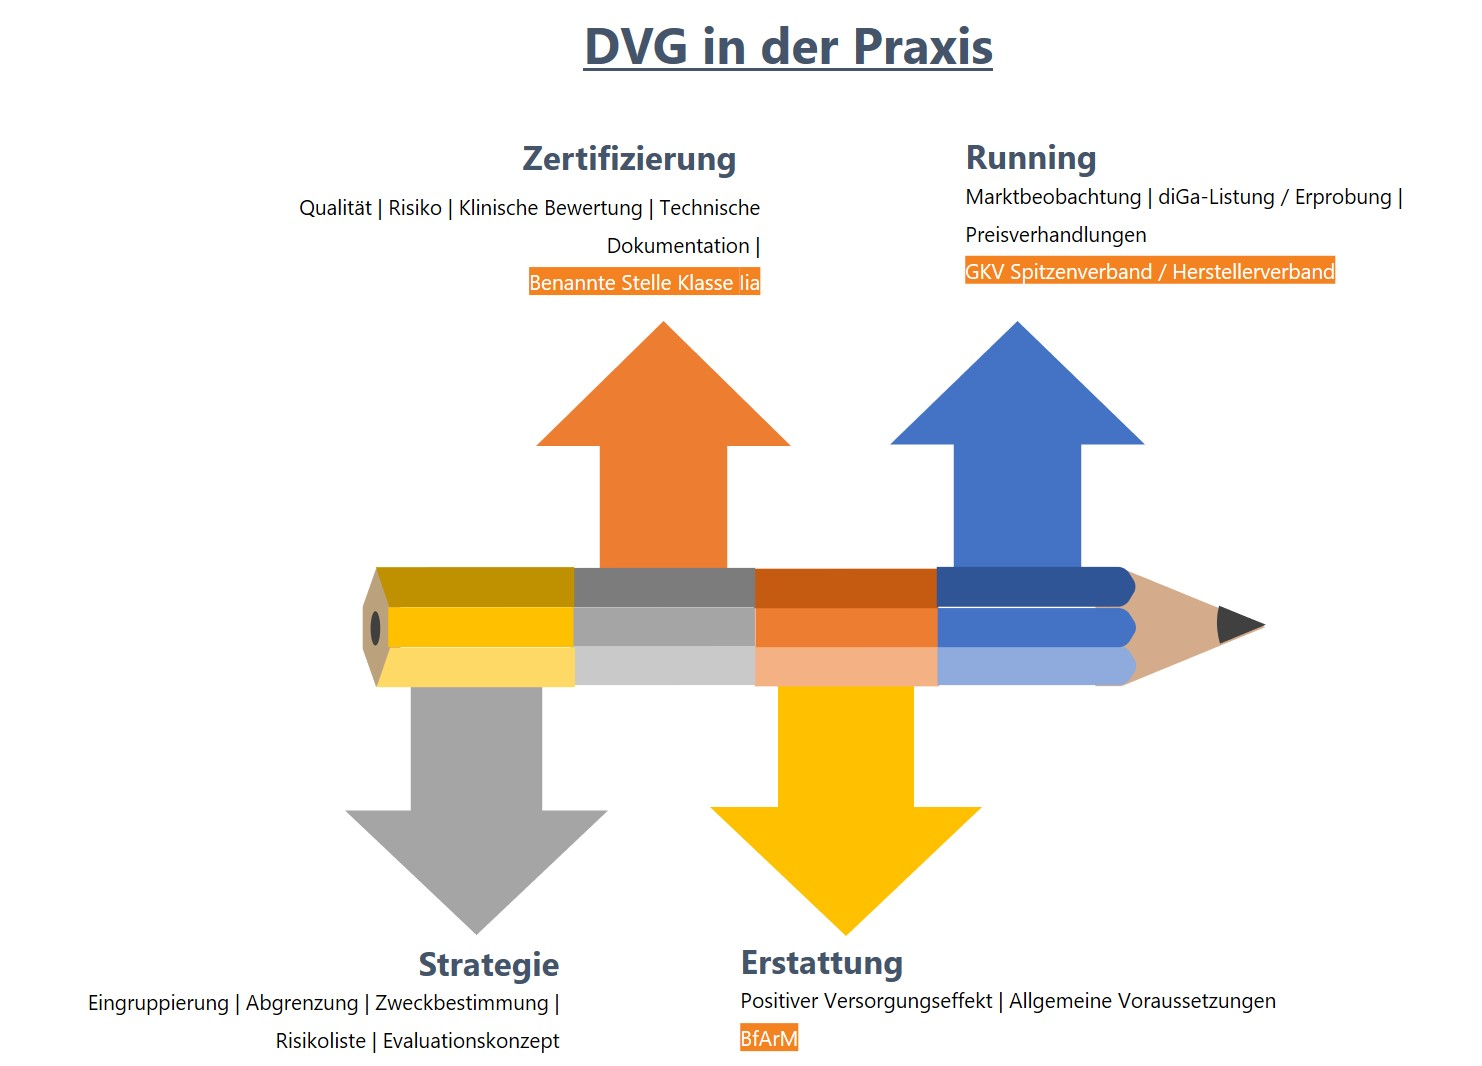 DVG in der Praxis